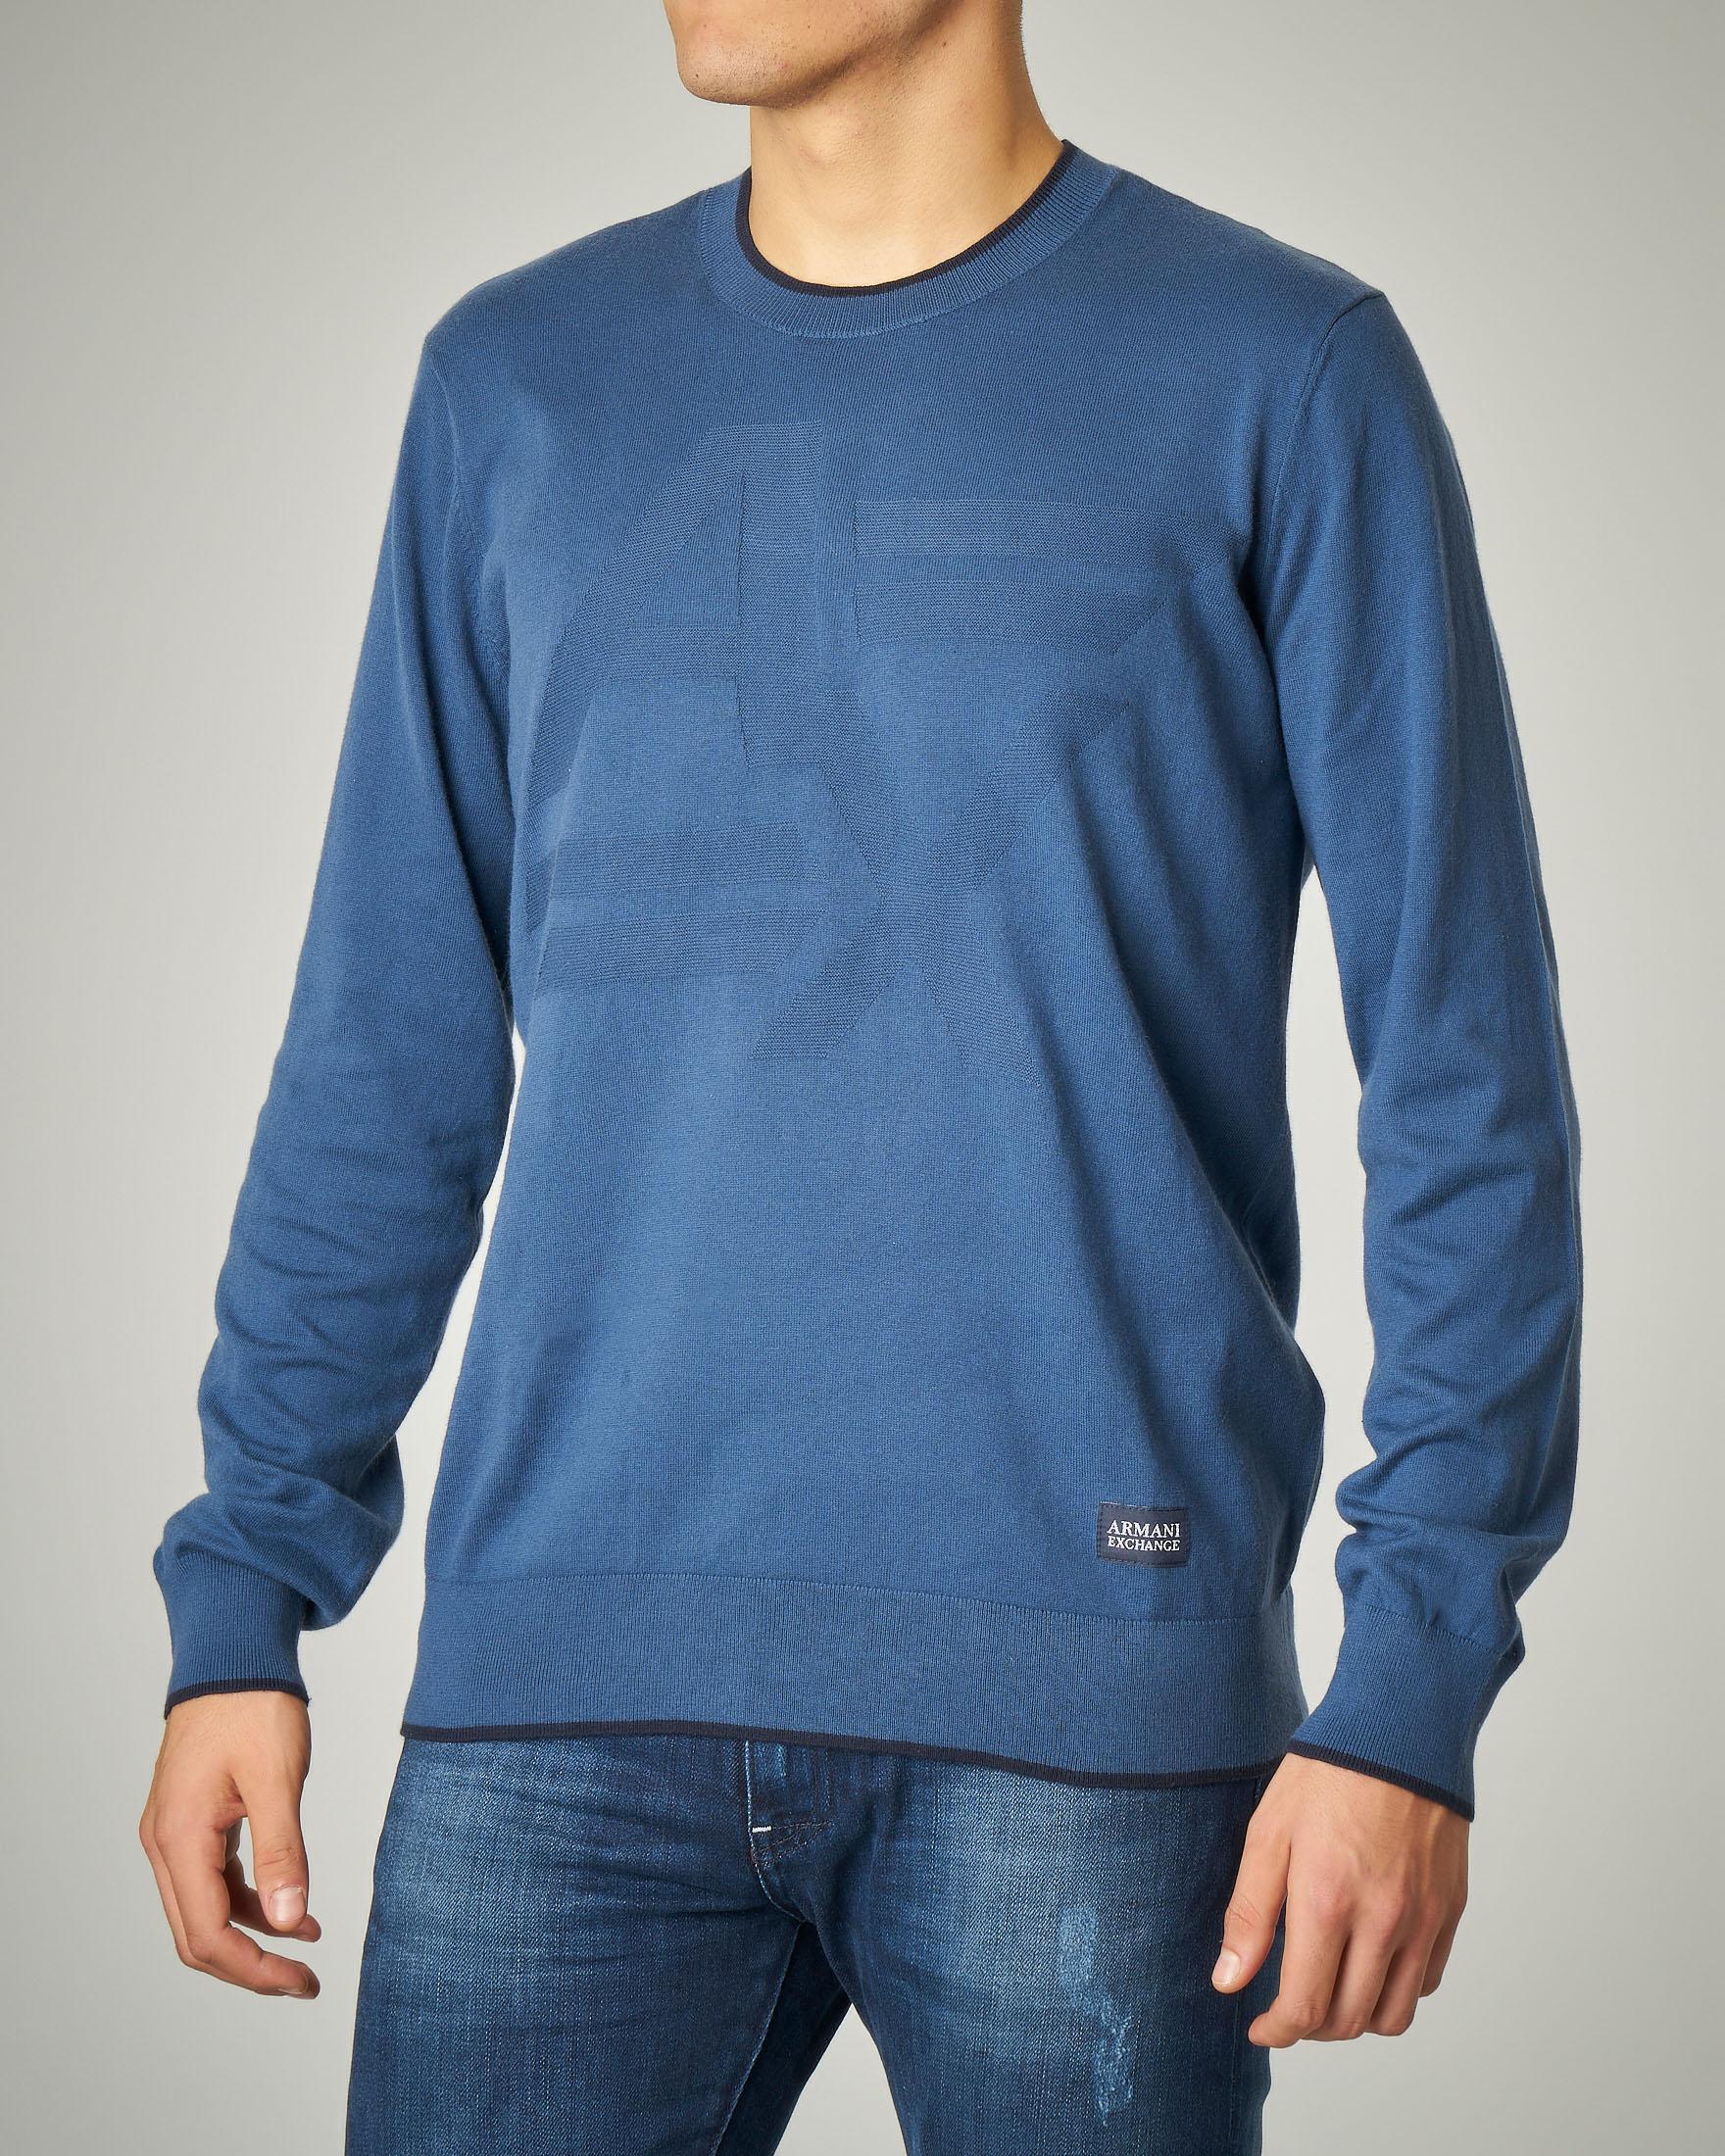 Maglia azzurra girocollo in cotone e cachemire con logo